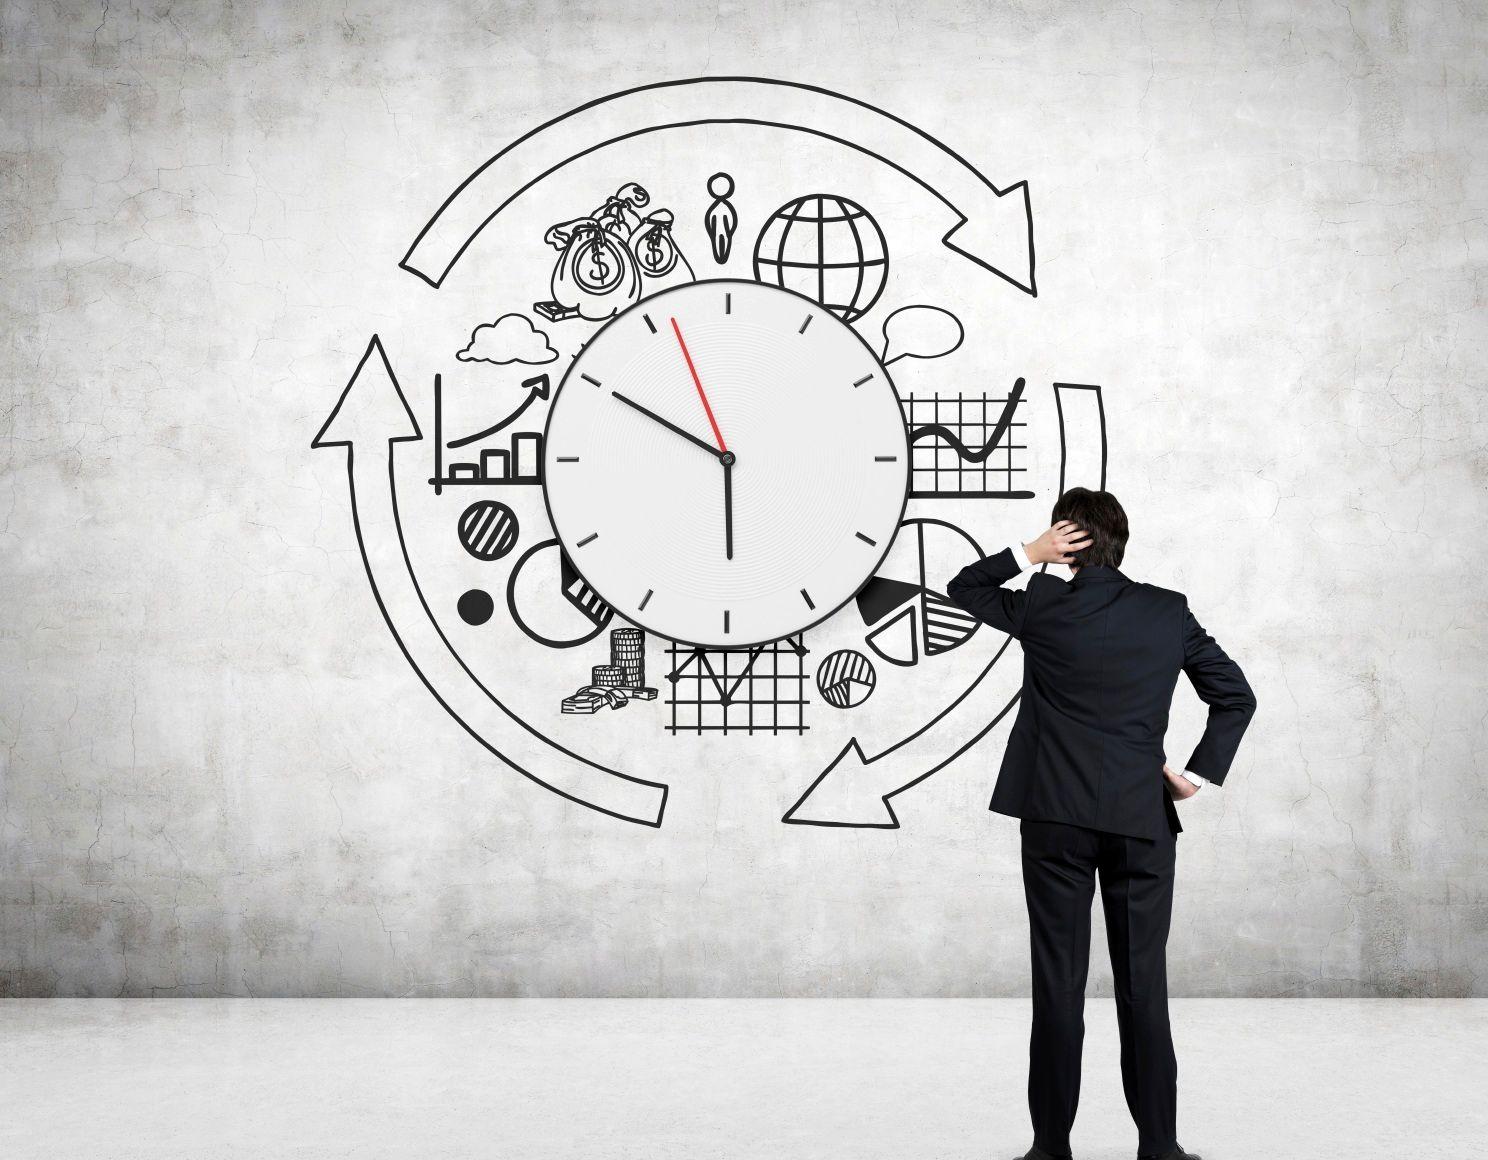 برای استفاده بهتر از زمان به چه چیزی نیازمندیم